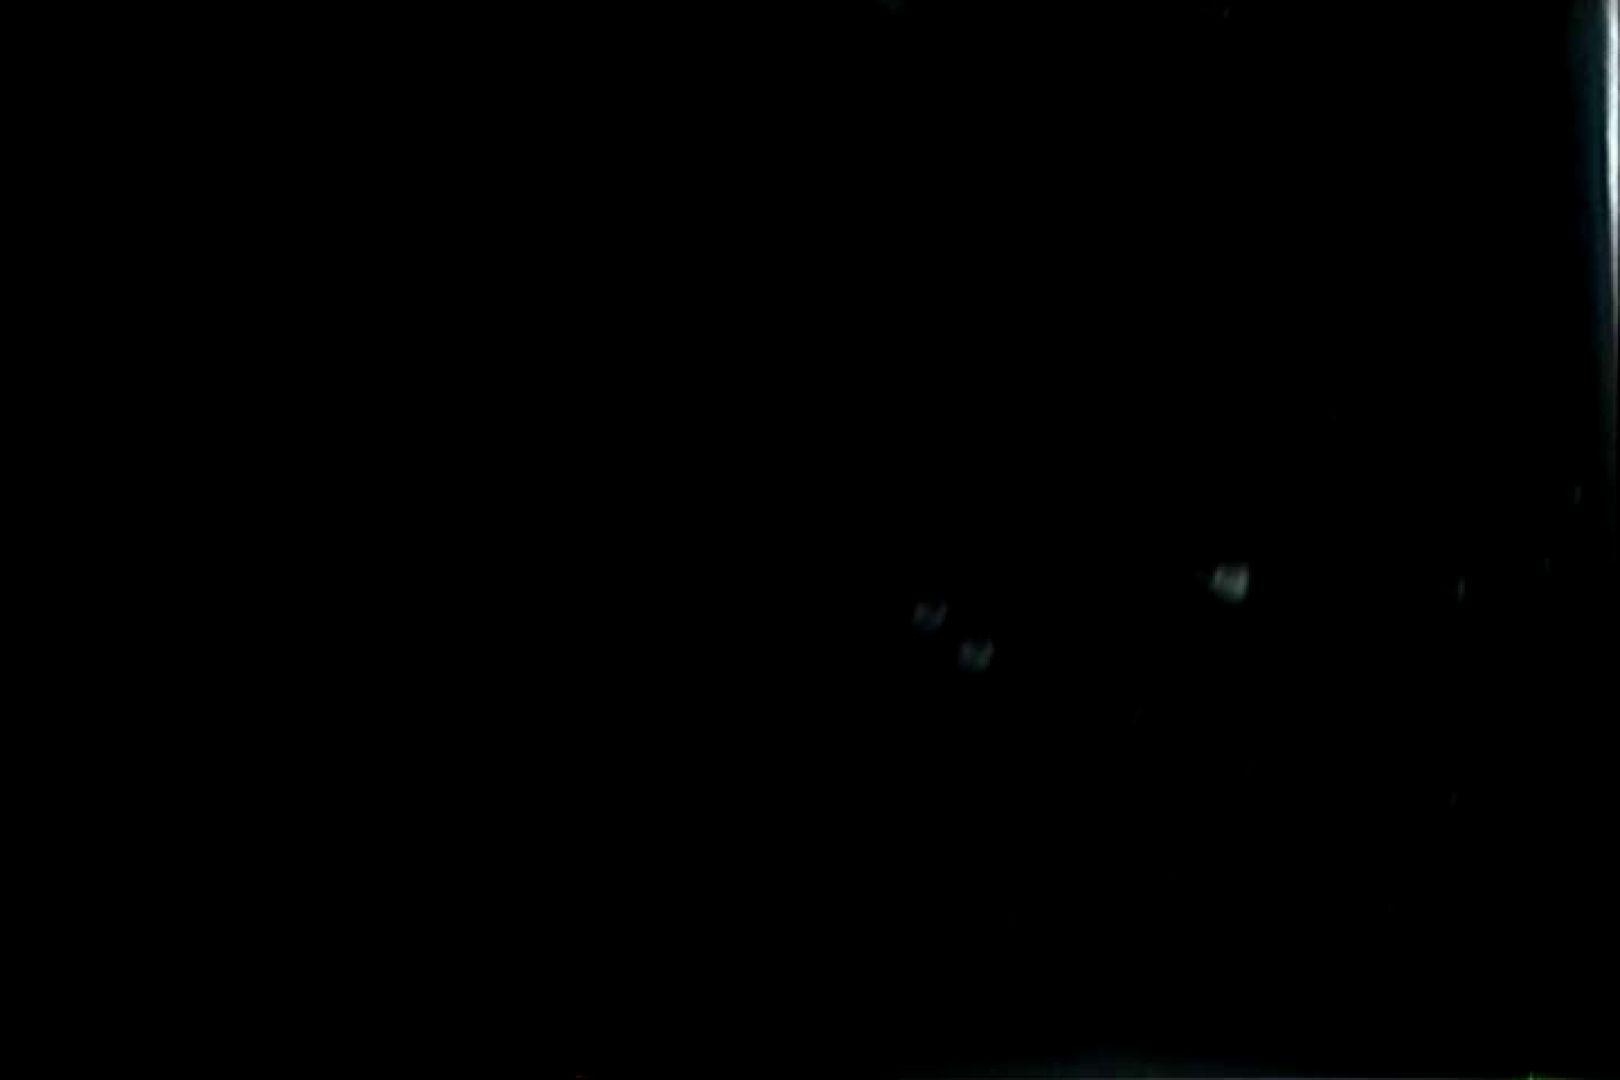 充血監督の深夜の運動会Vol.151 カーセックス ヌード画像 89連発 83